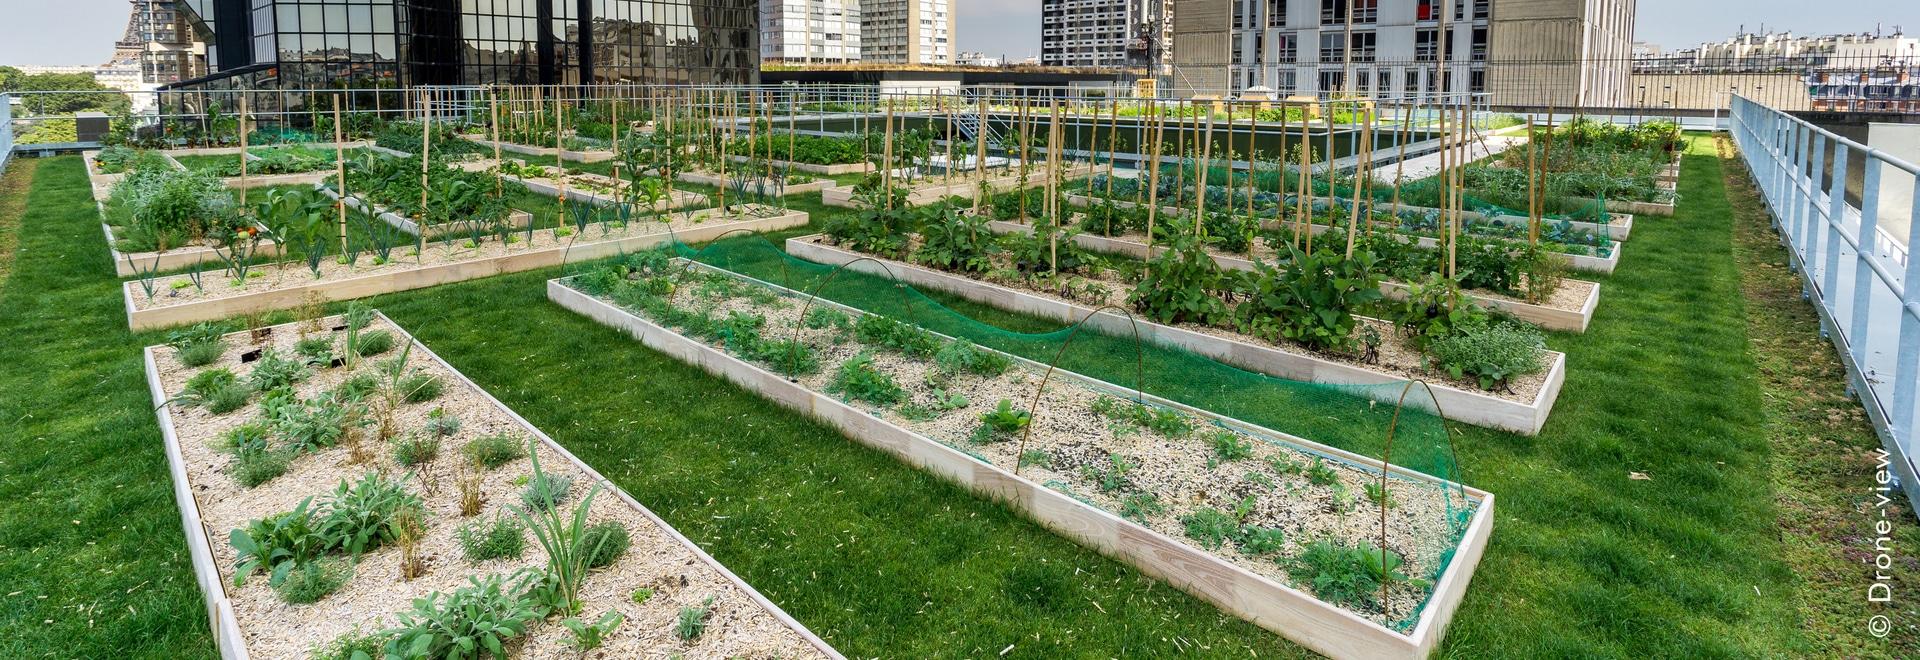 """El jardín de tejado agrícola urbano en el tejado de """"Le cordon bleu"""" en París"""